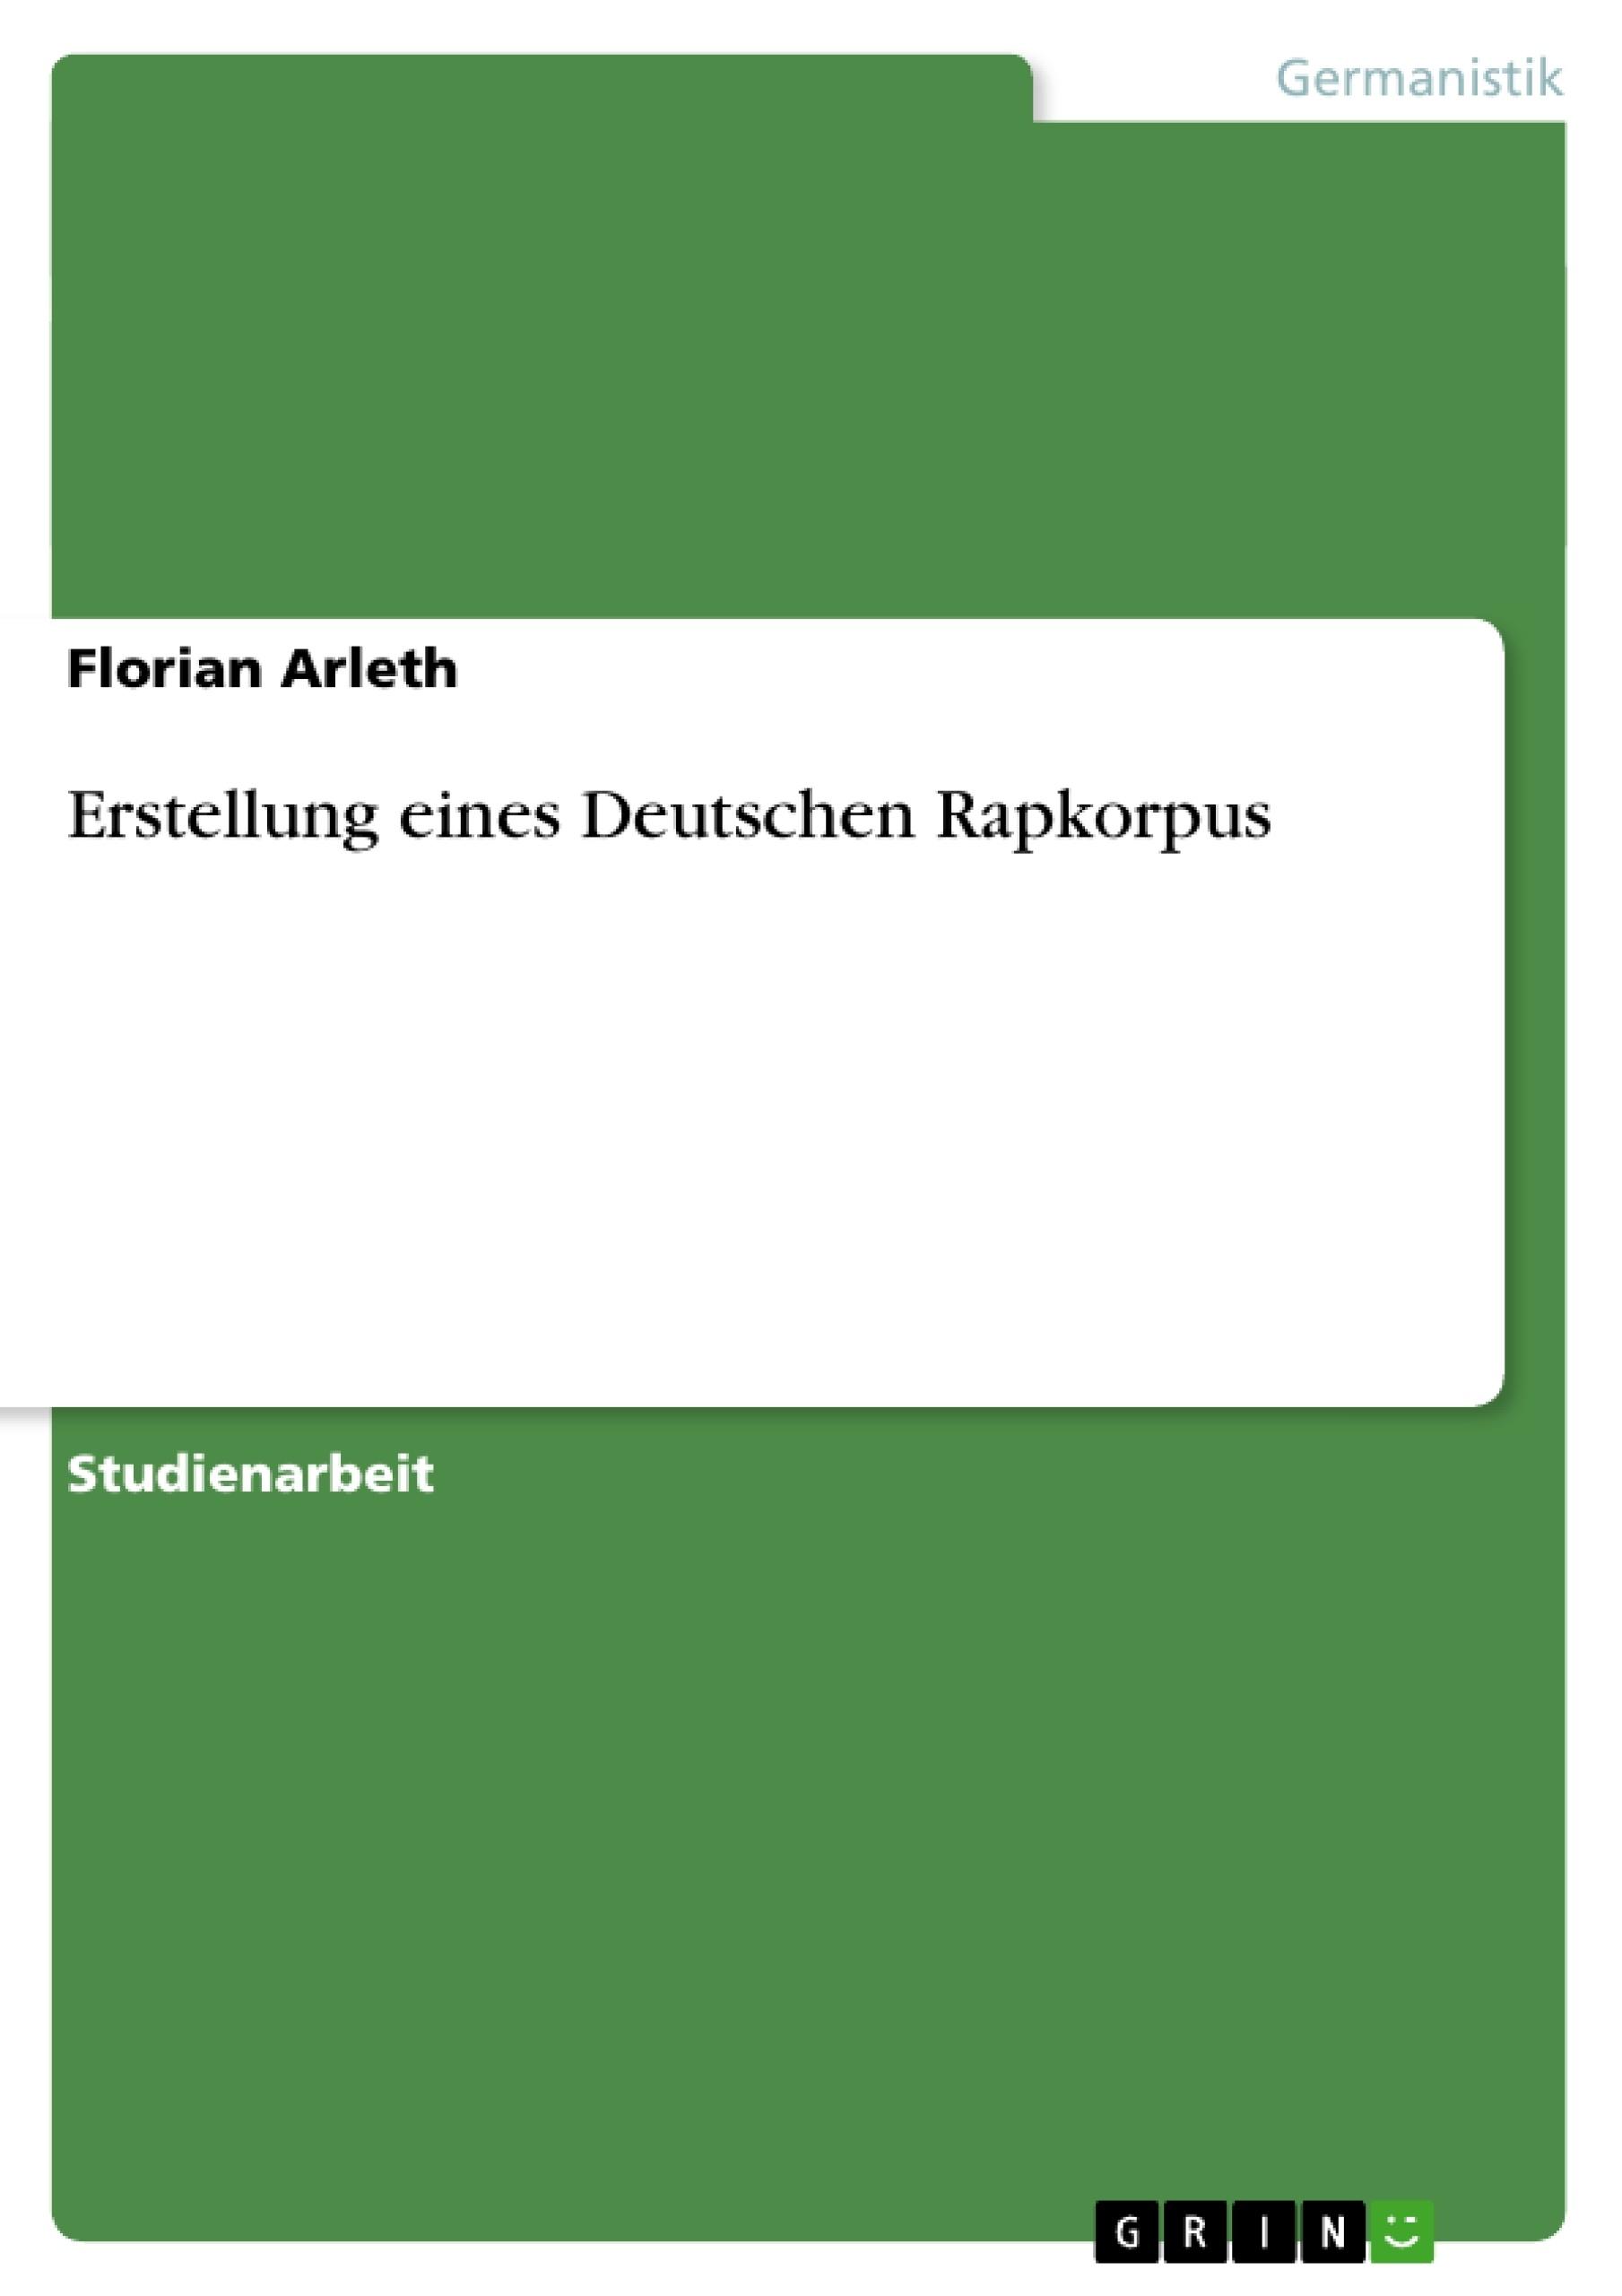 Titel: Erstellung eines Deutschen Rapkorpus